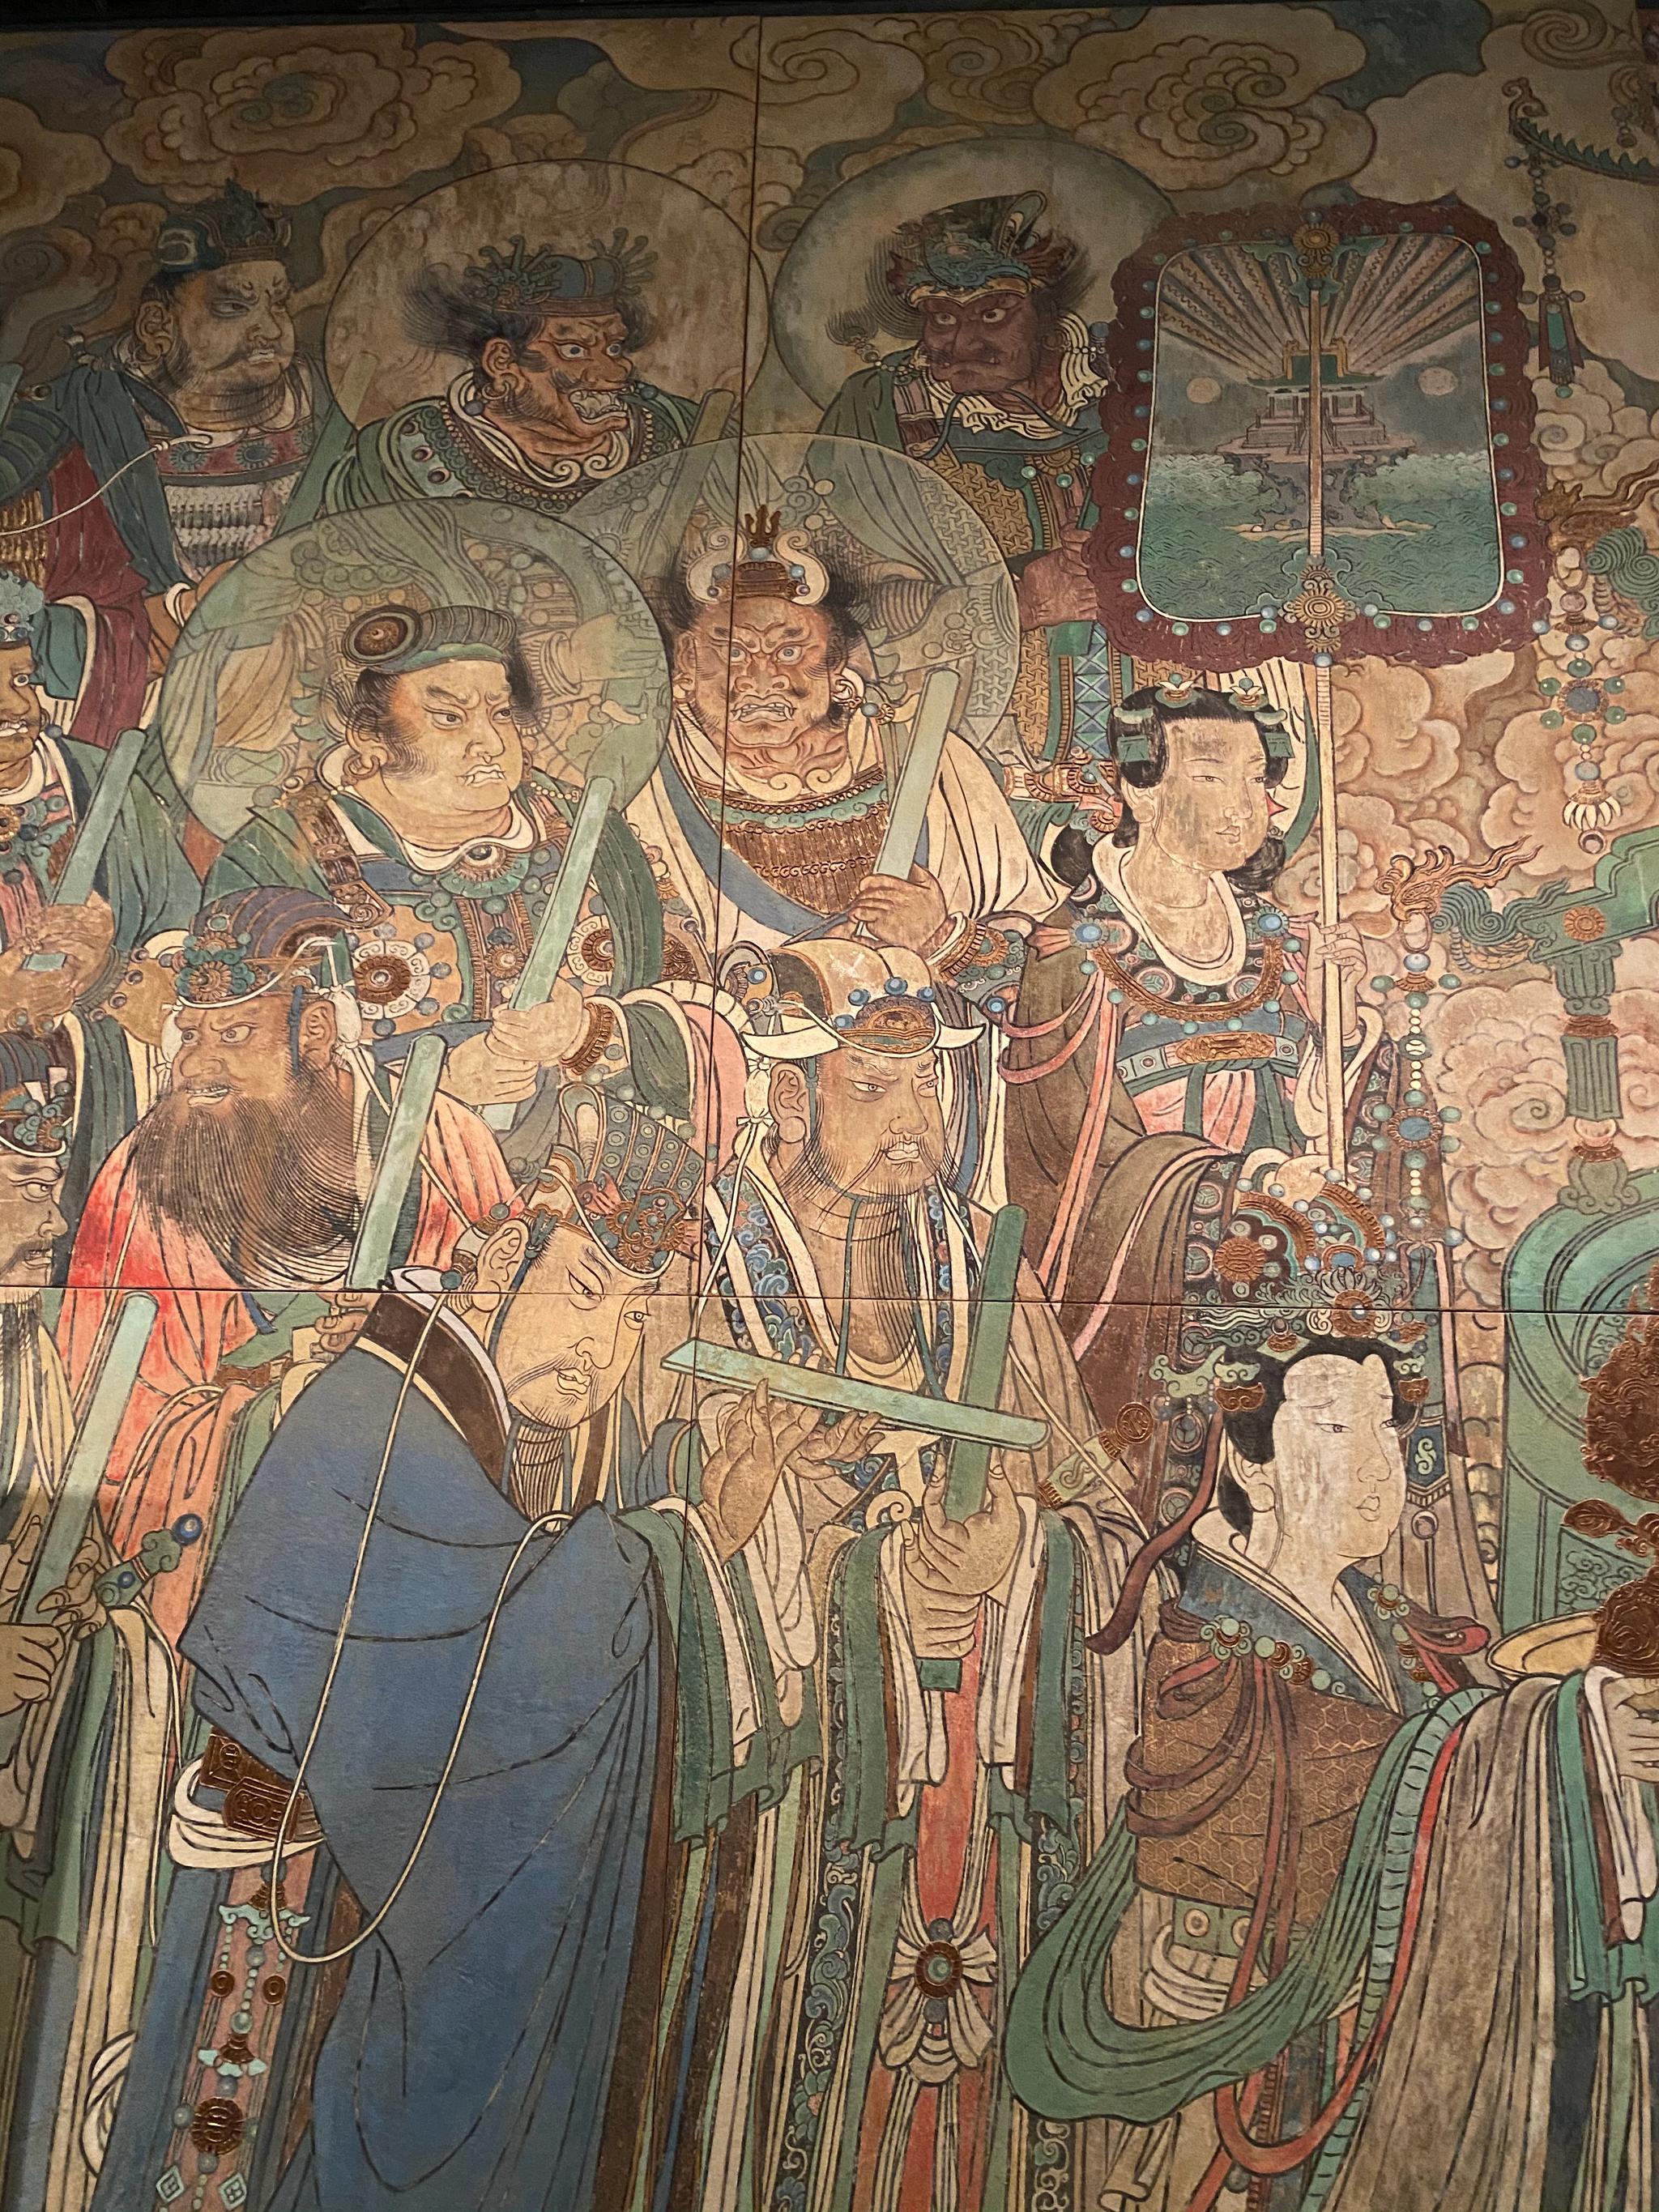 运城博物馆里,有展出永乐宫元代壁画1:1的高清复制品